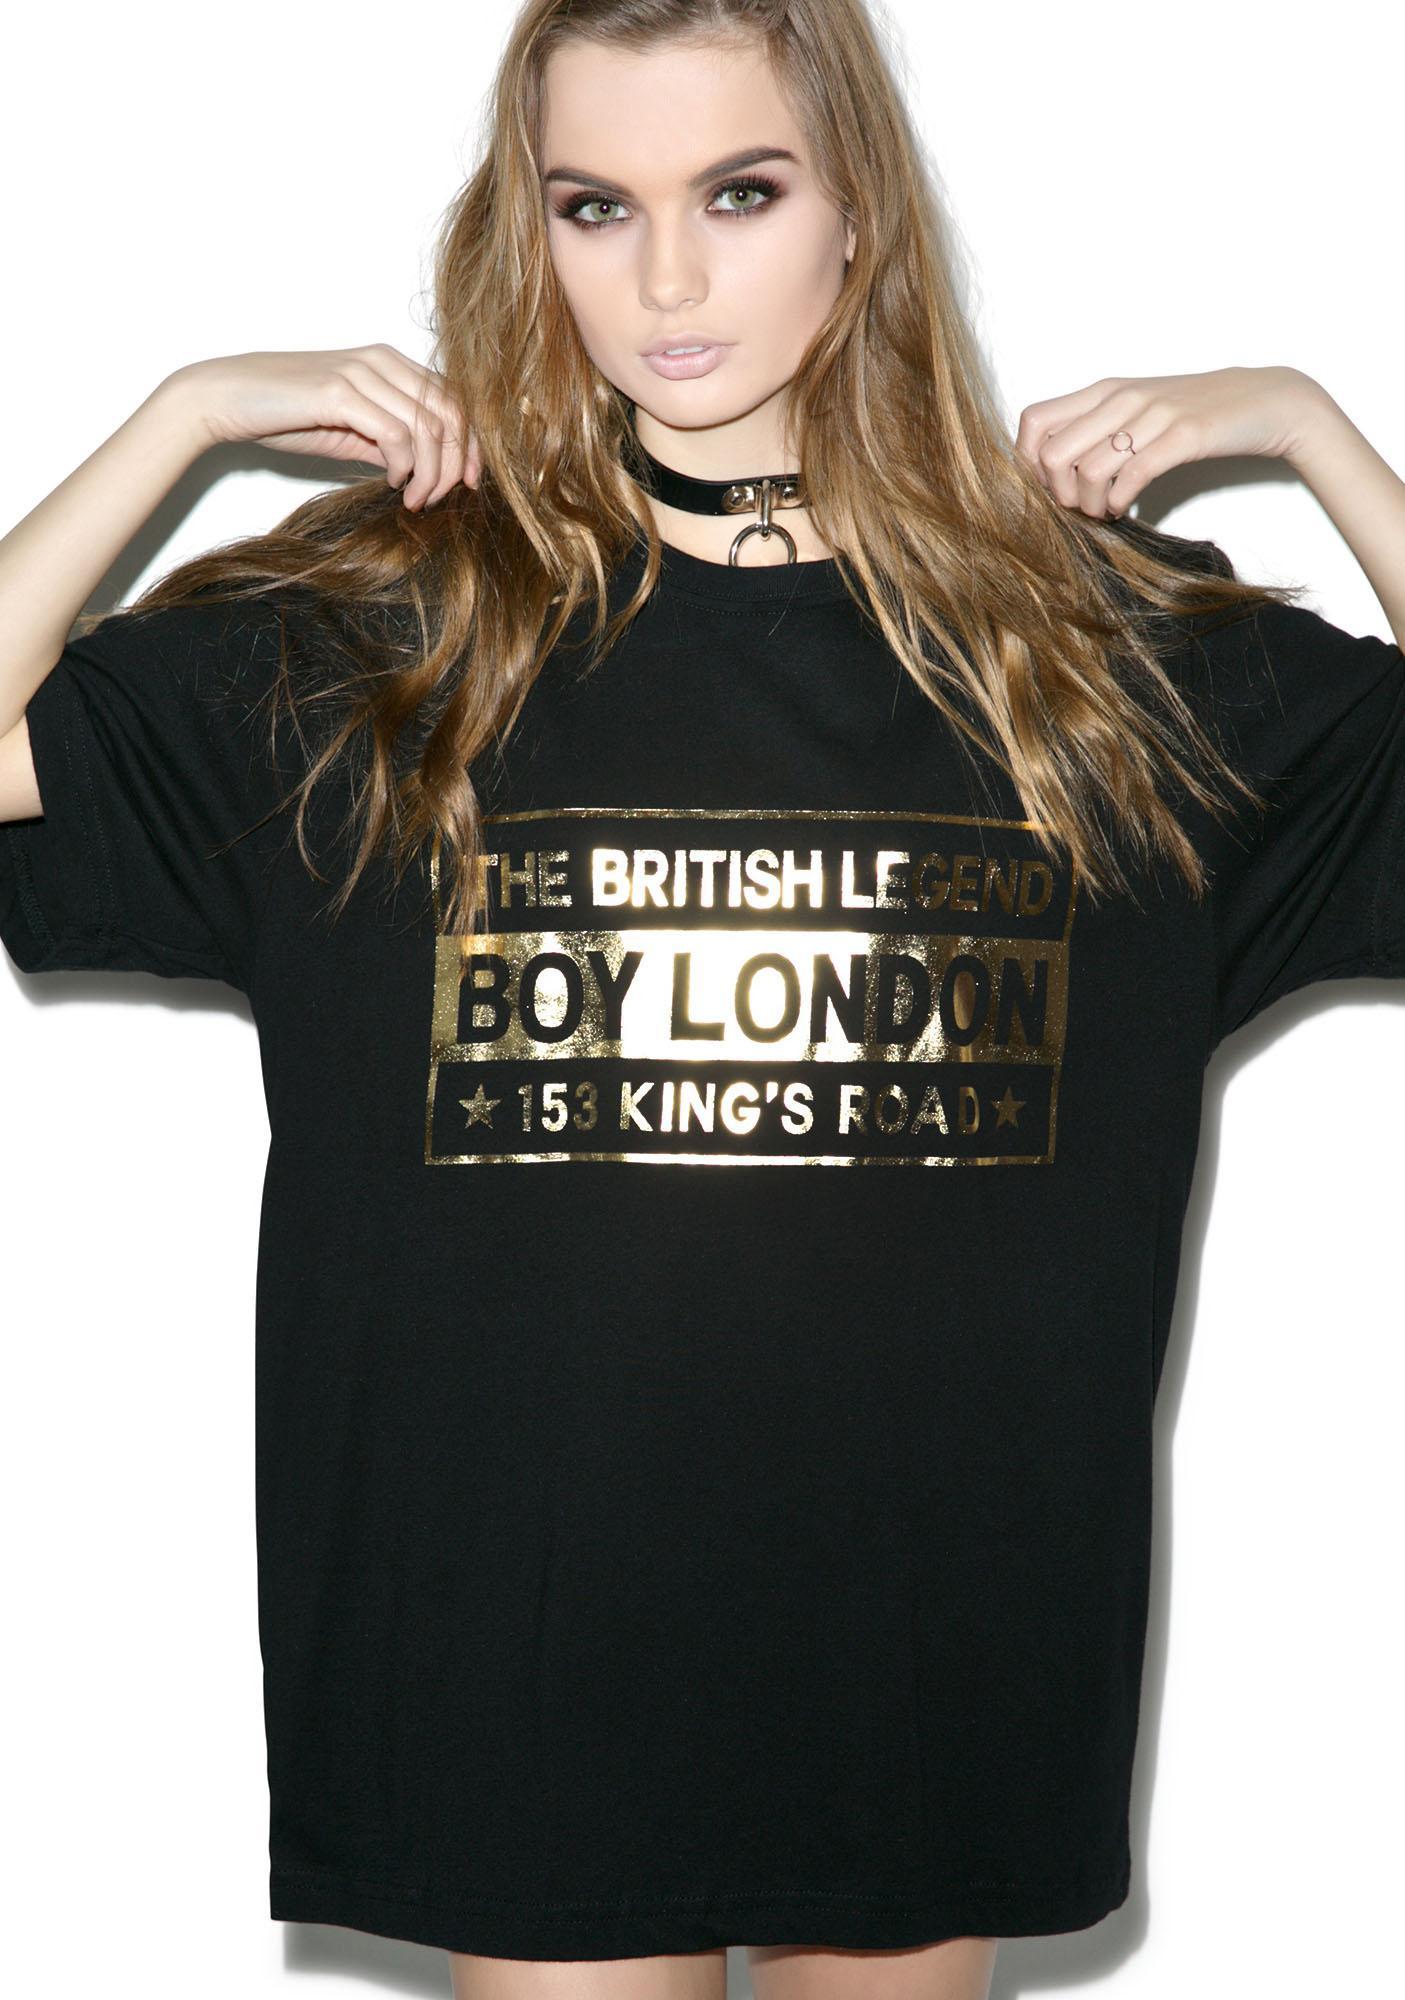 BOY London Kings Road Legend Tee